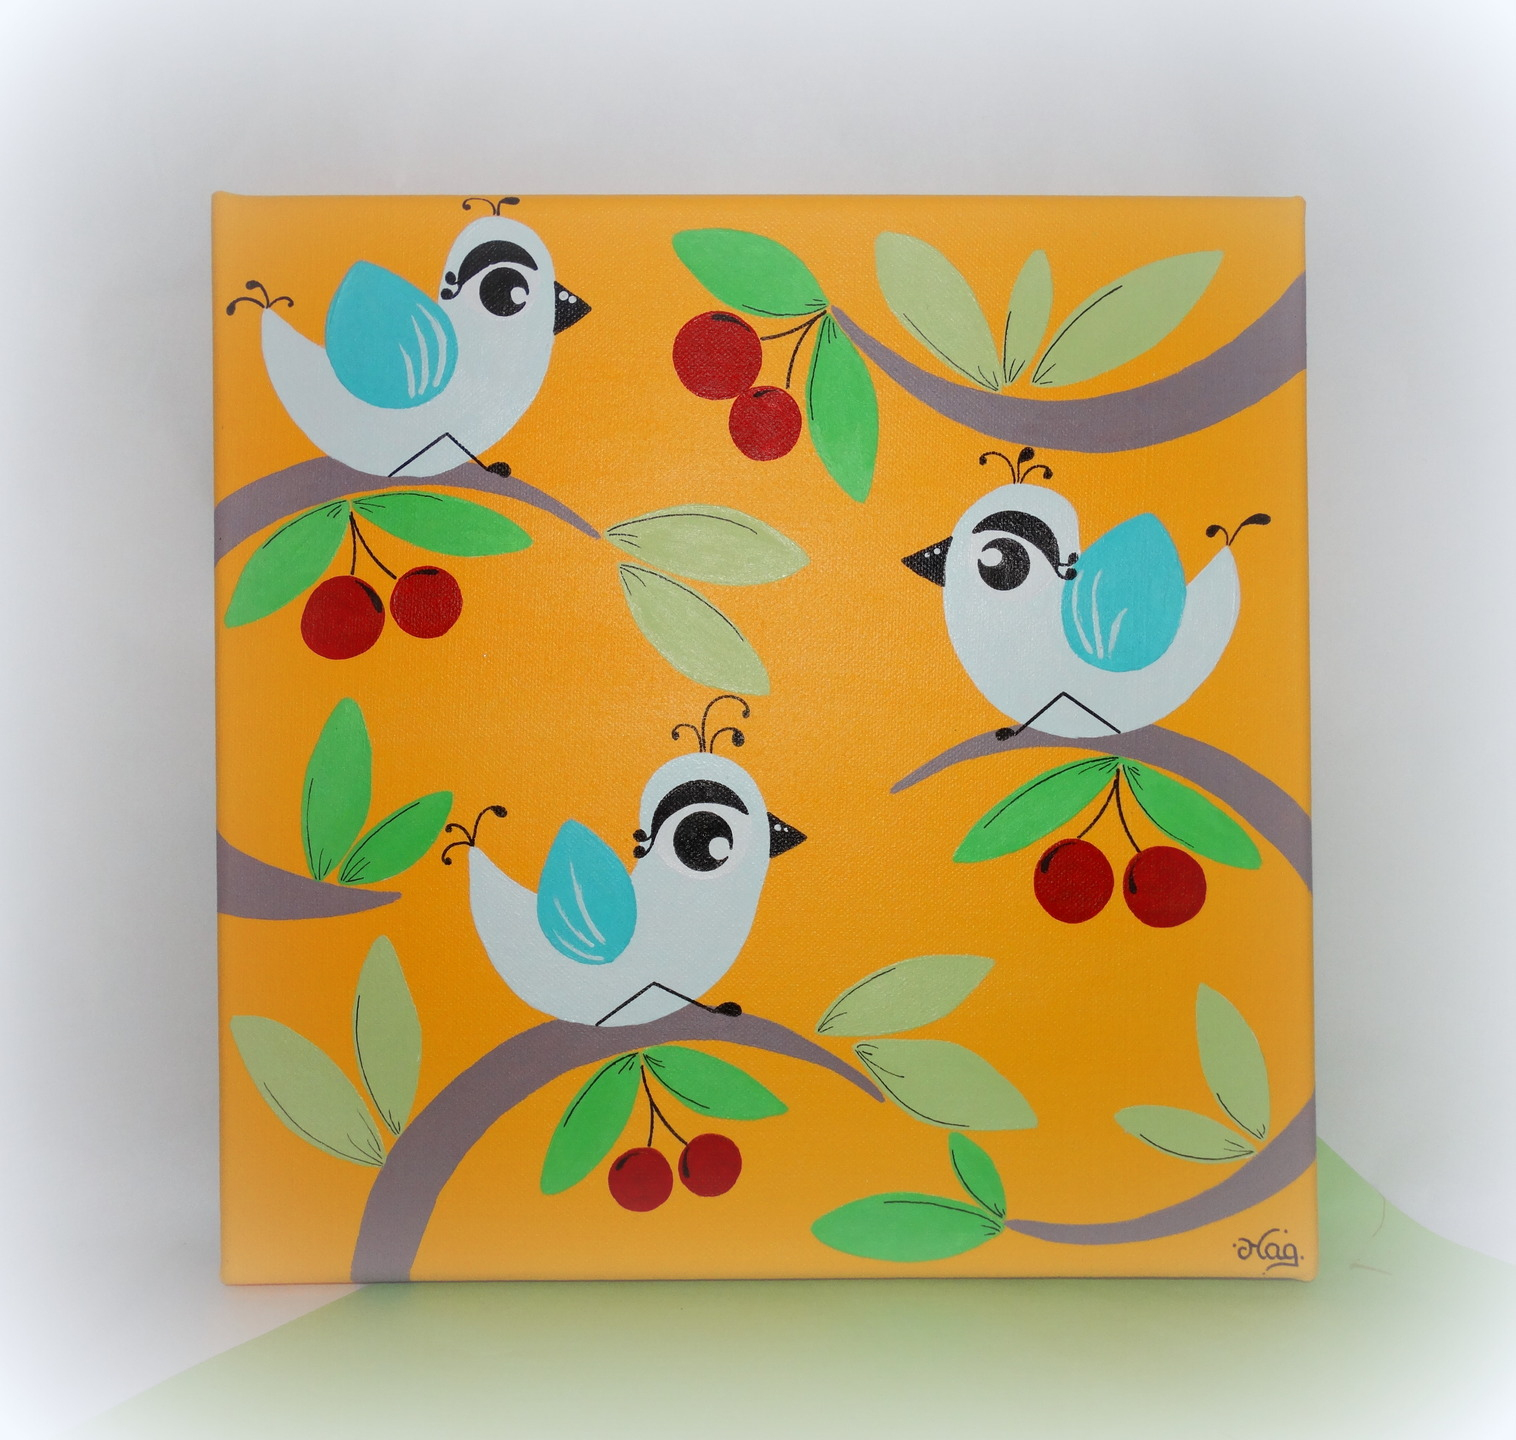 Cuisine: Peinture Pour Enfant Oiseau Cerises Toile Pour encequiconcerne Tableau De Peinture Pour Enfant